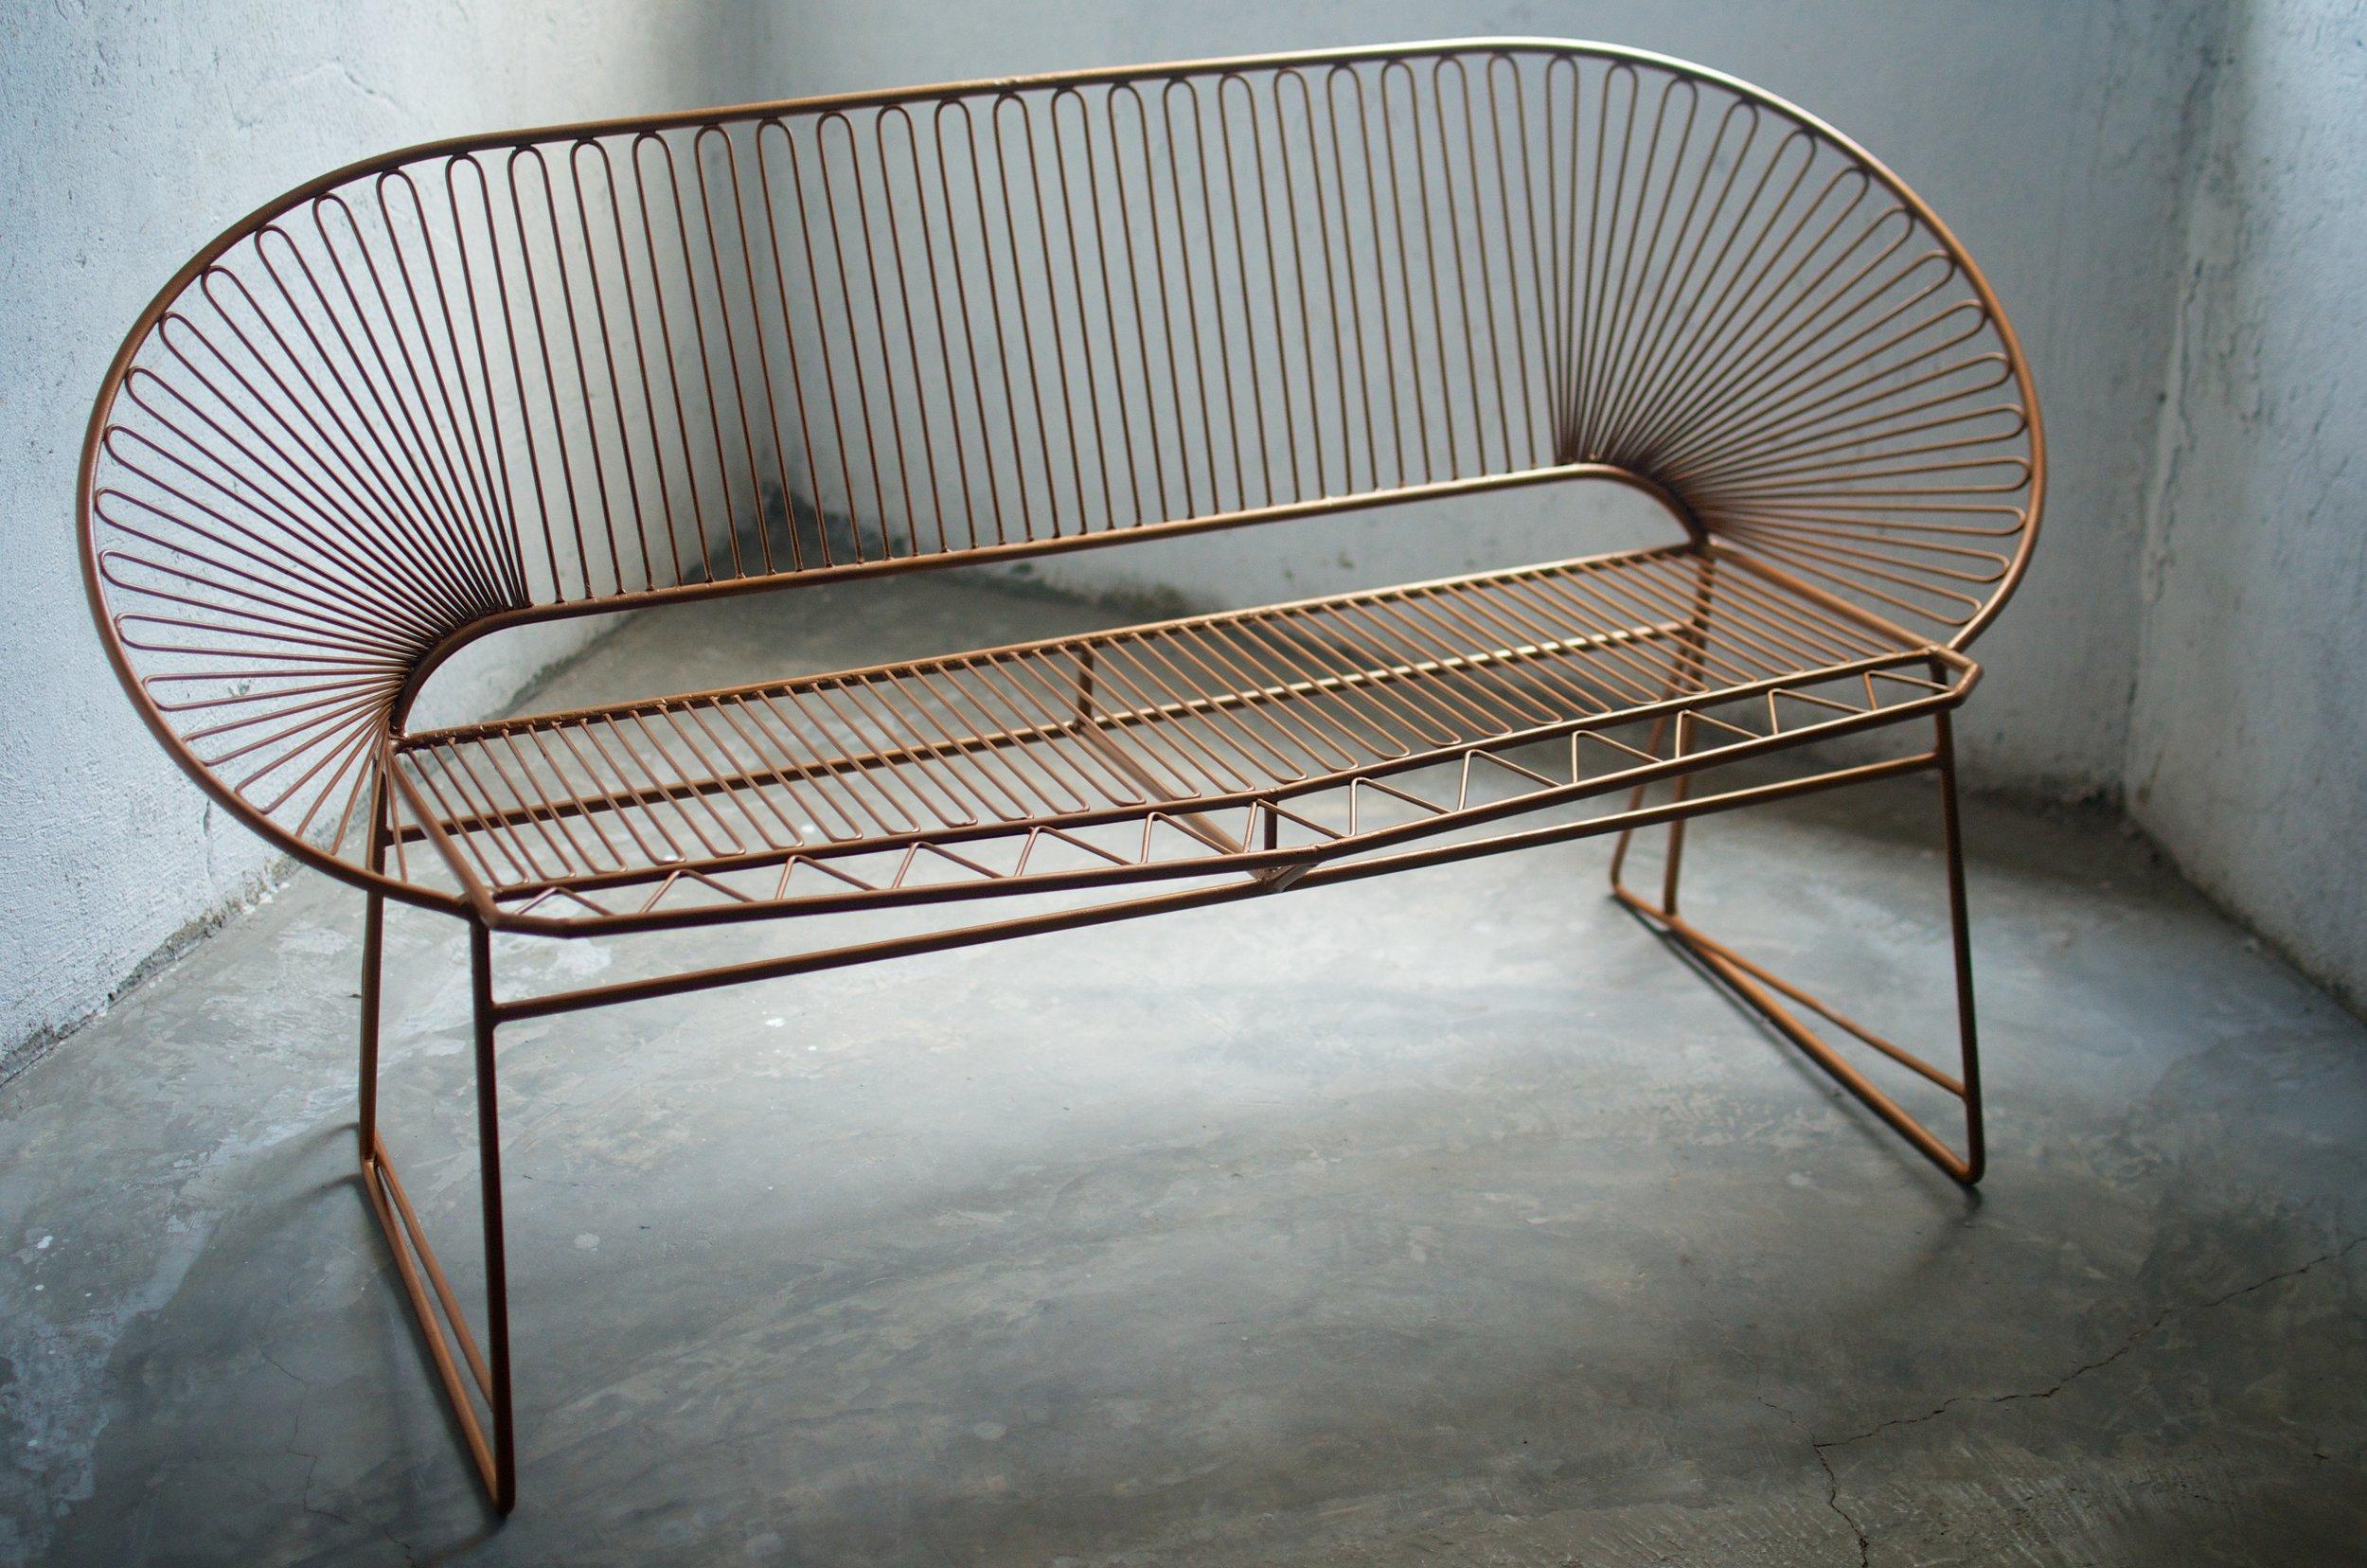 Sofa Purohierro